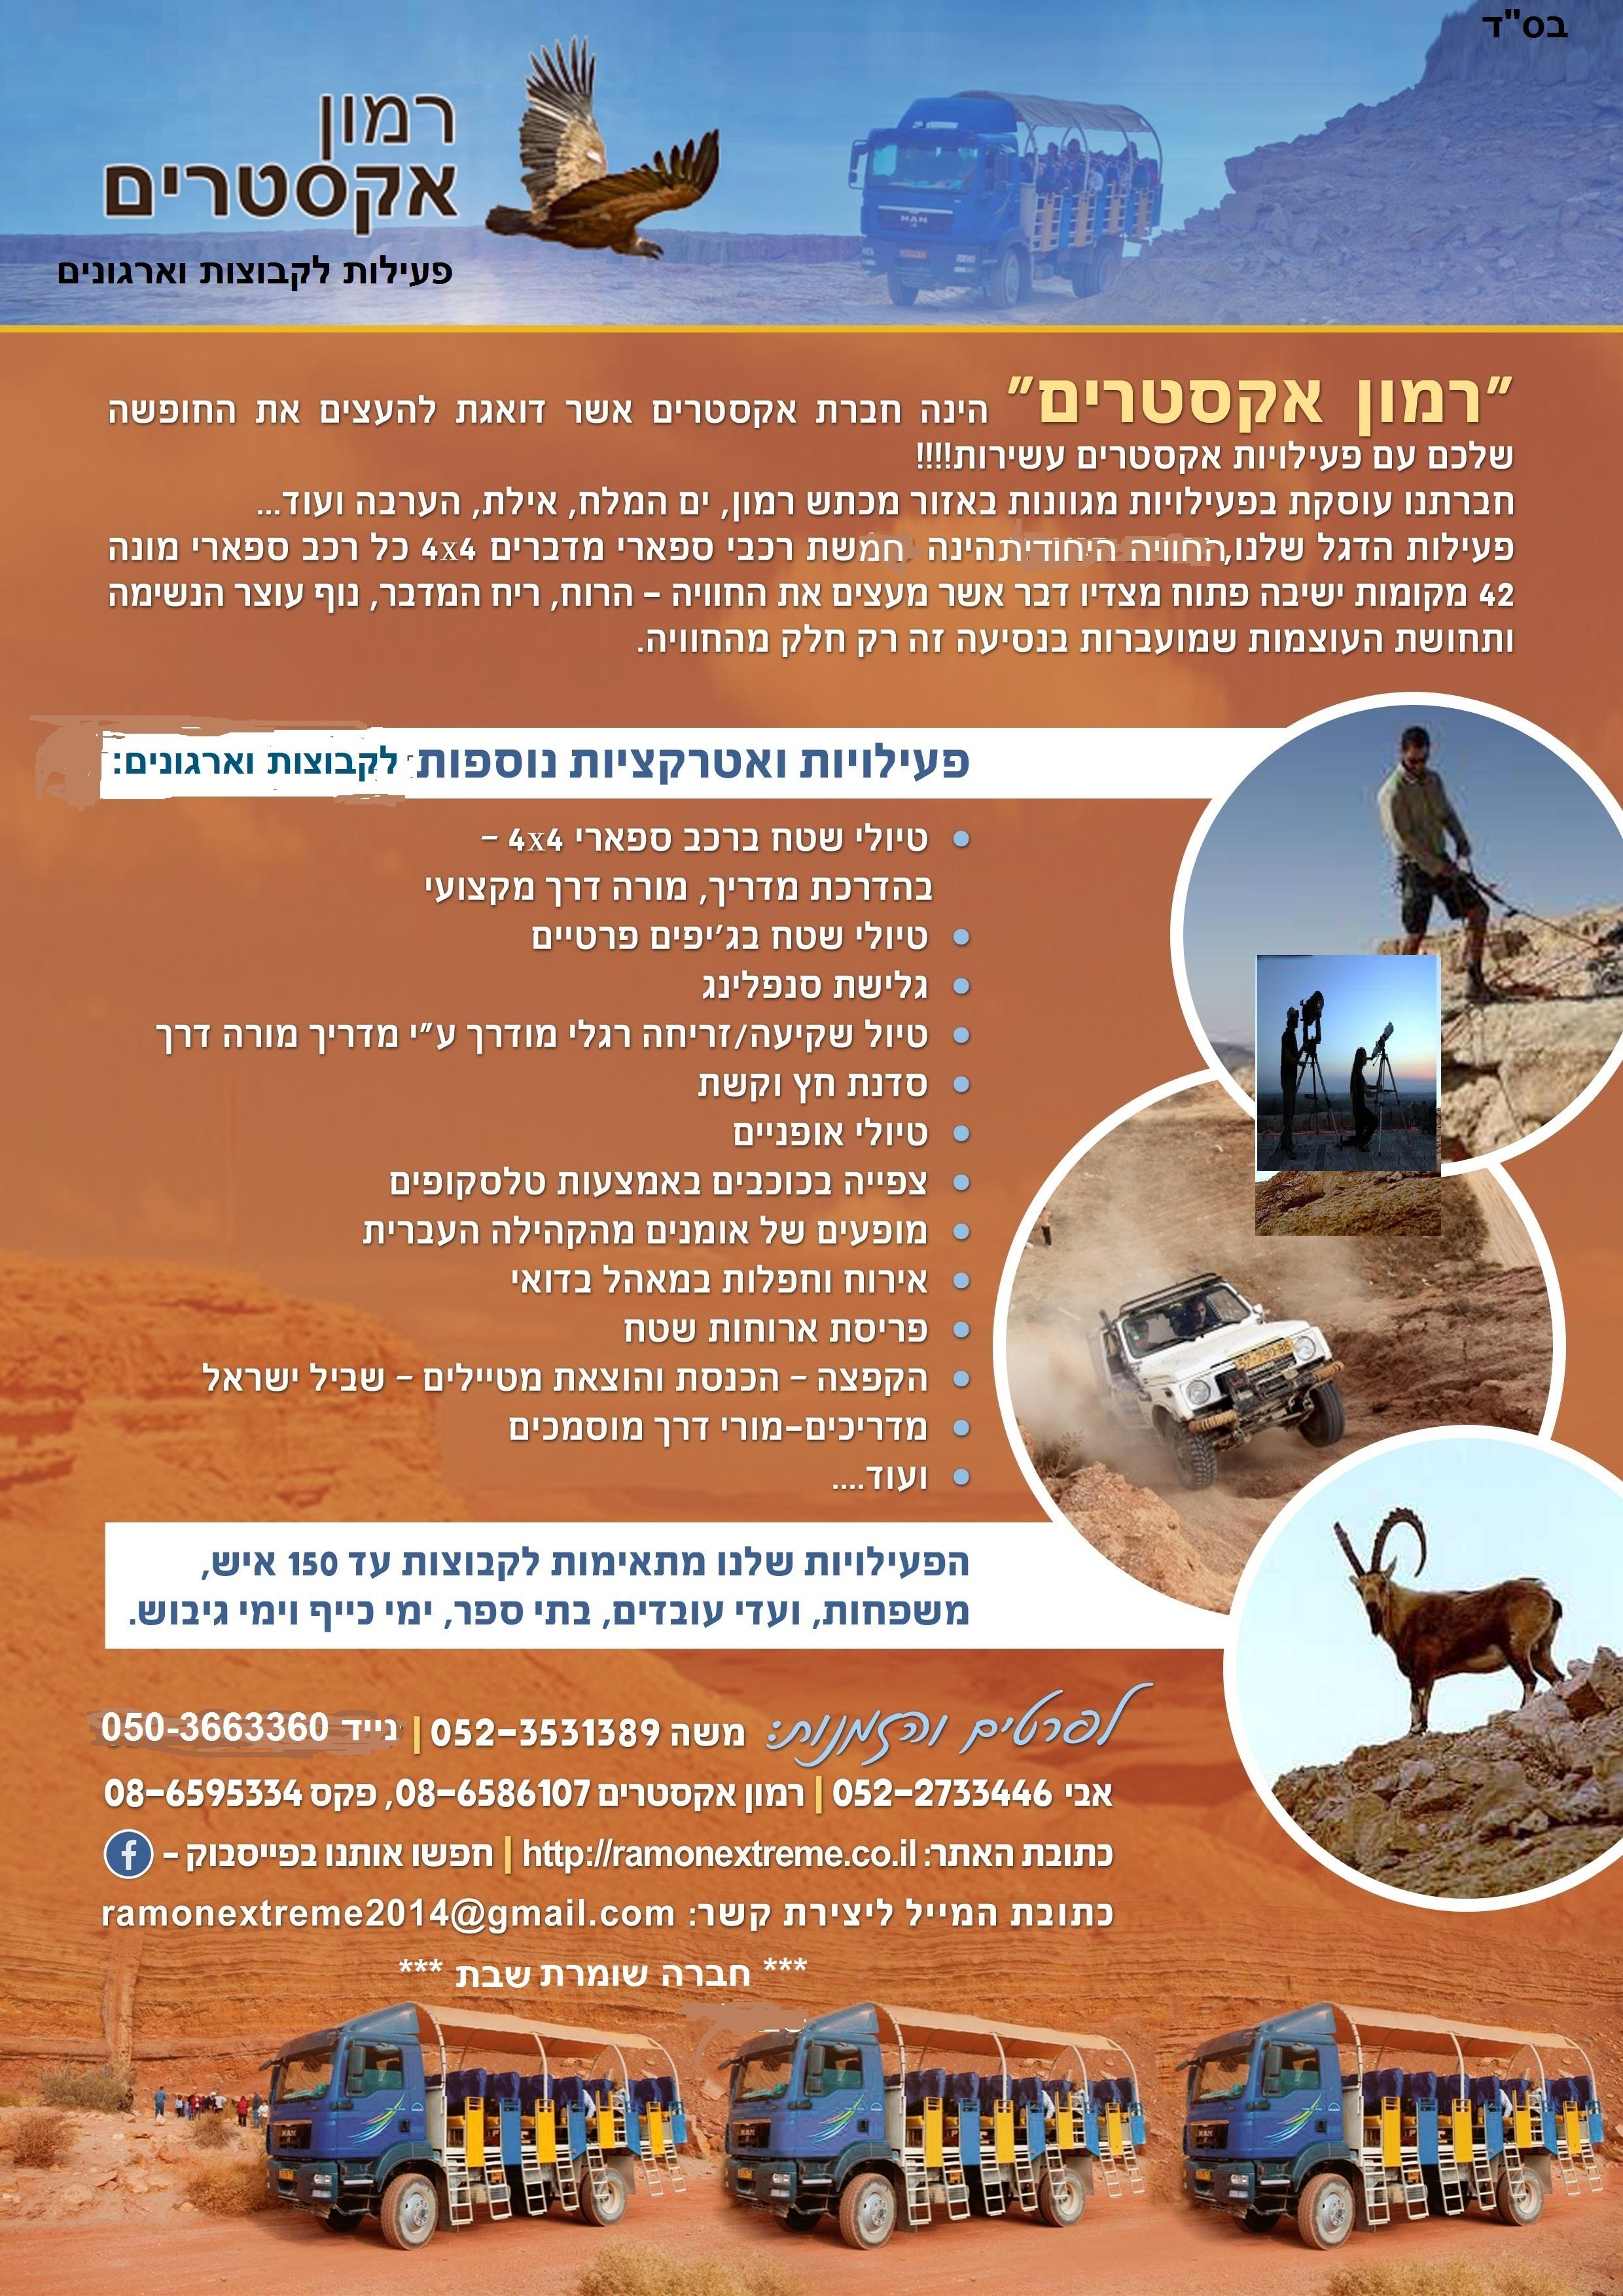 טלי אקסטרים-עברית מתוקן 1.6.20